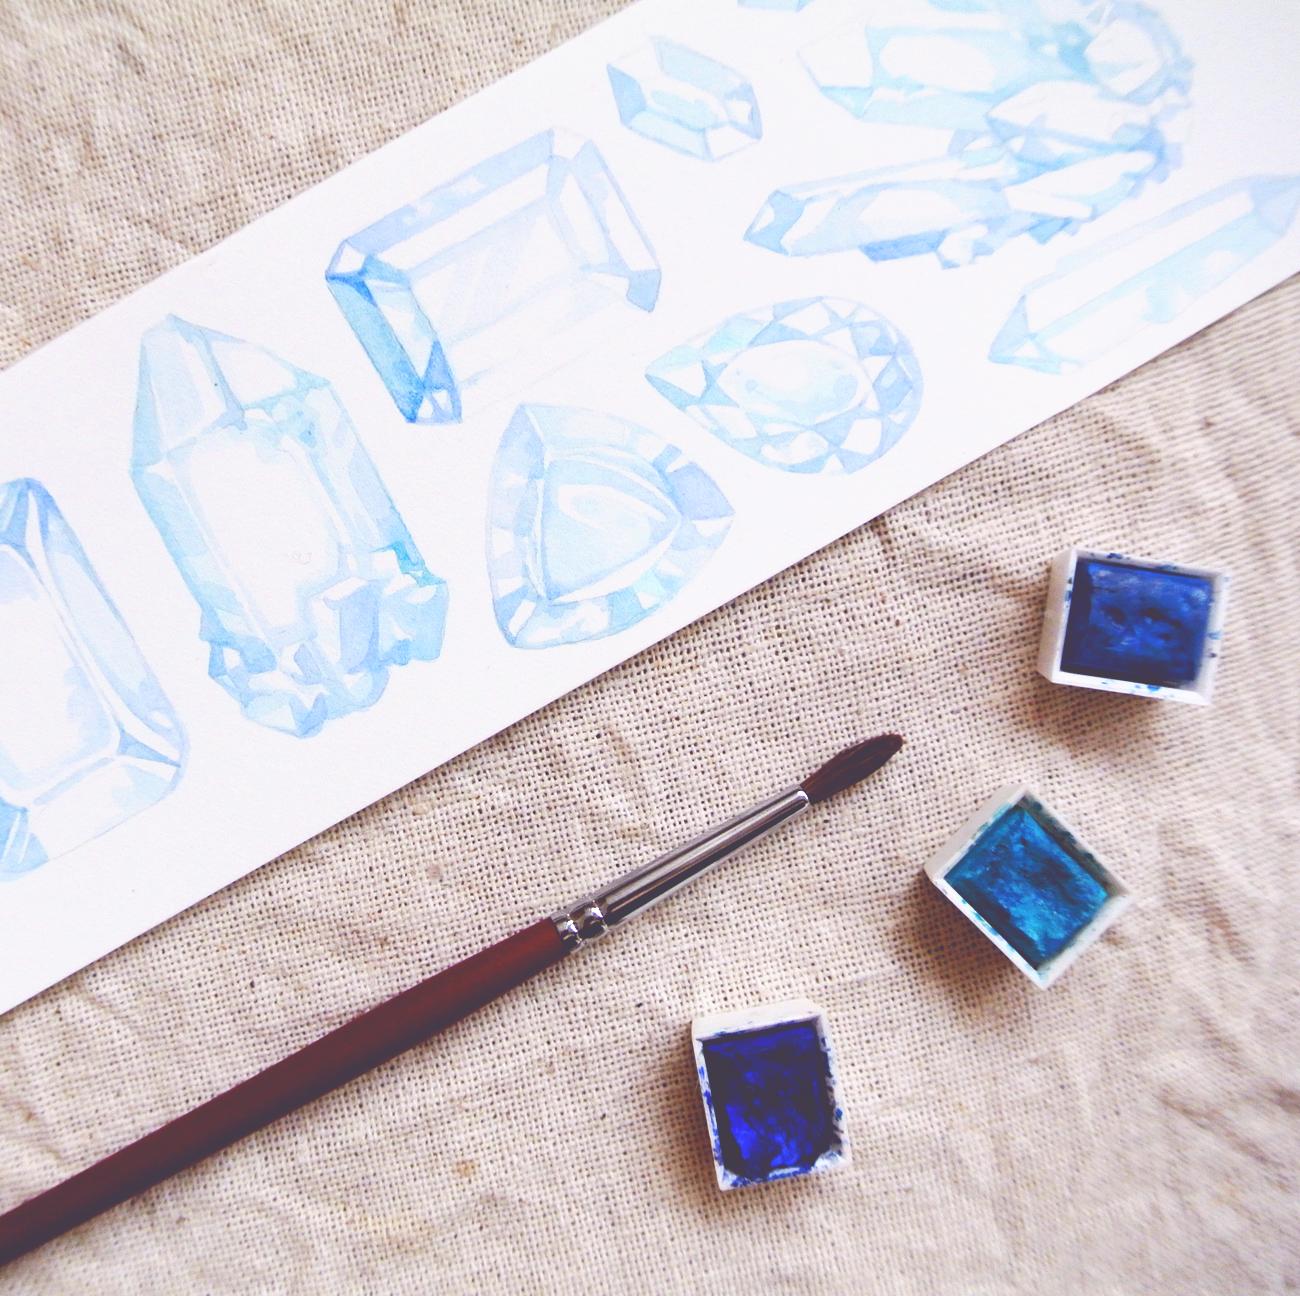 aquamarine-gems-drawing-watercolor.PNG